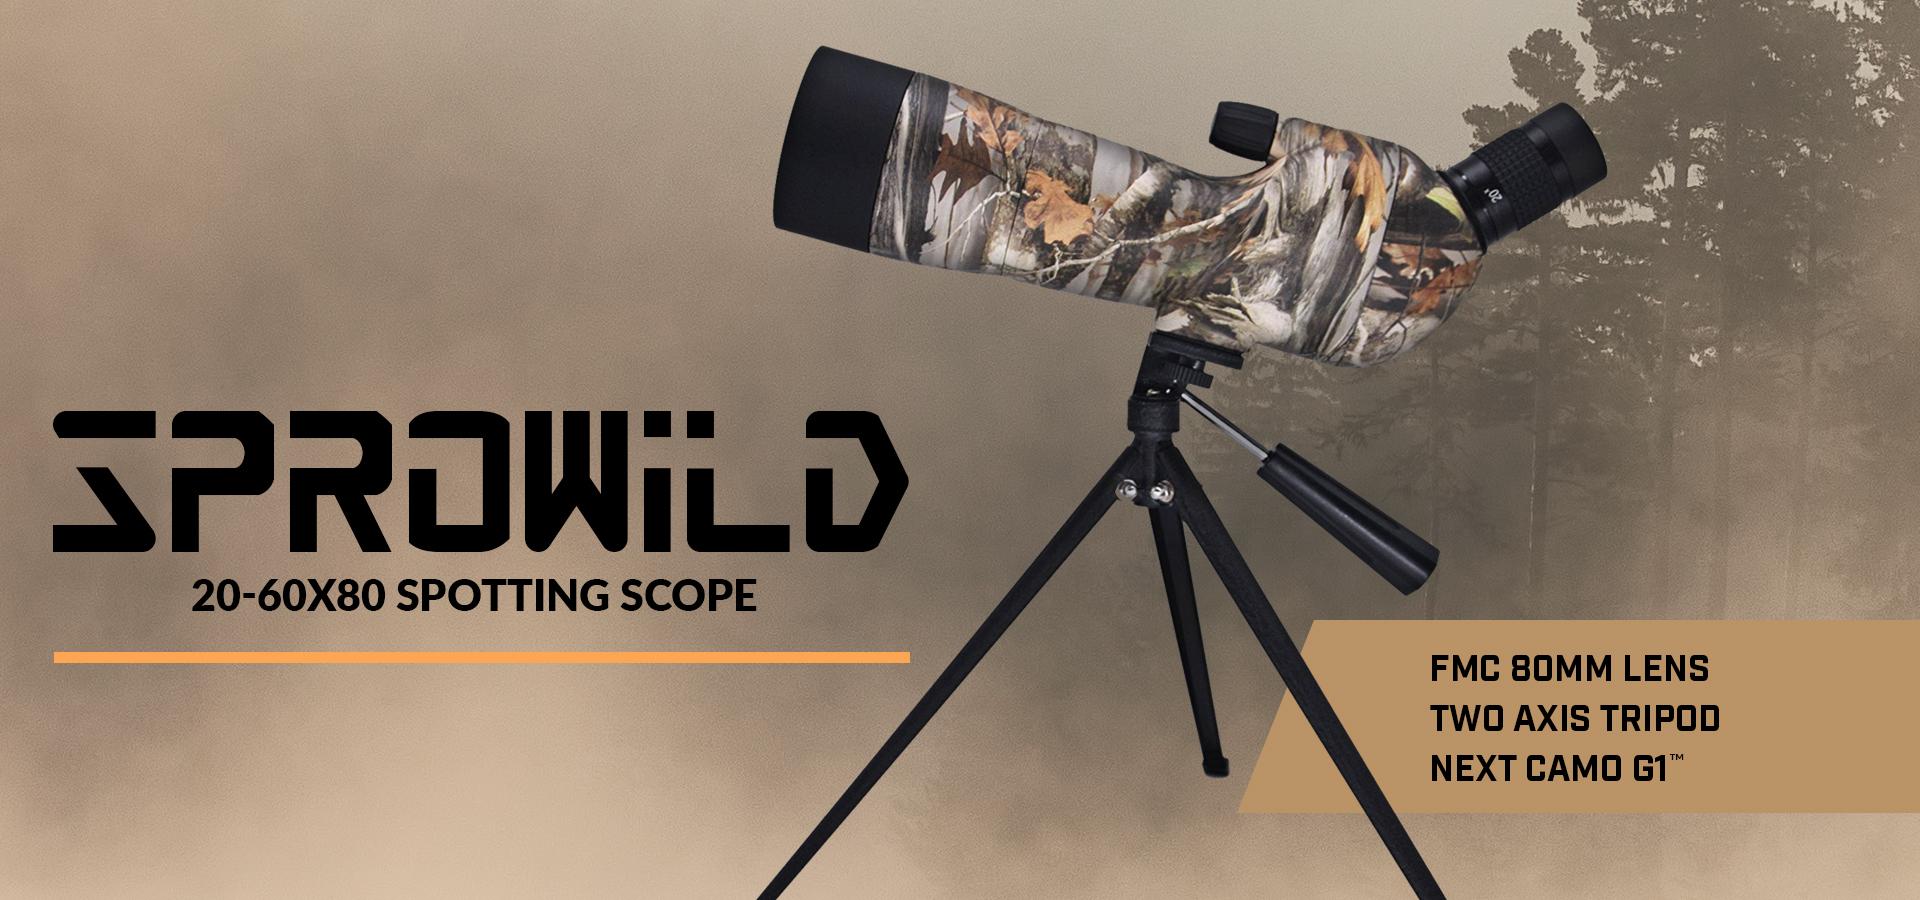 Website-Banner-2021-SPROWILD